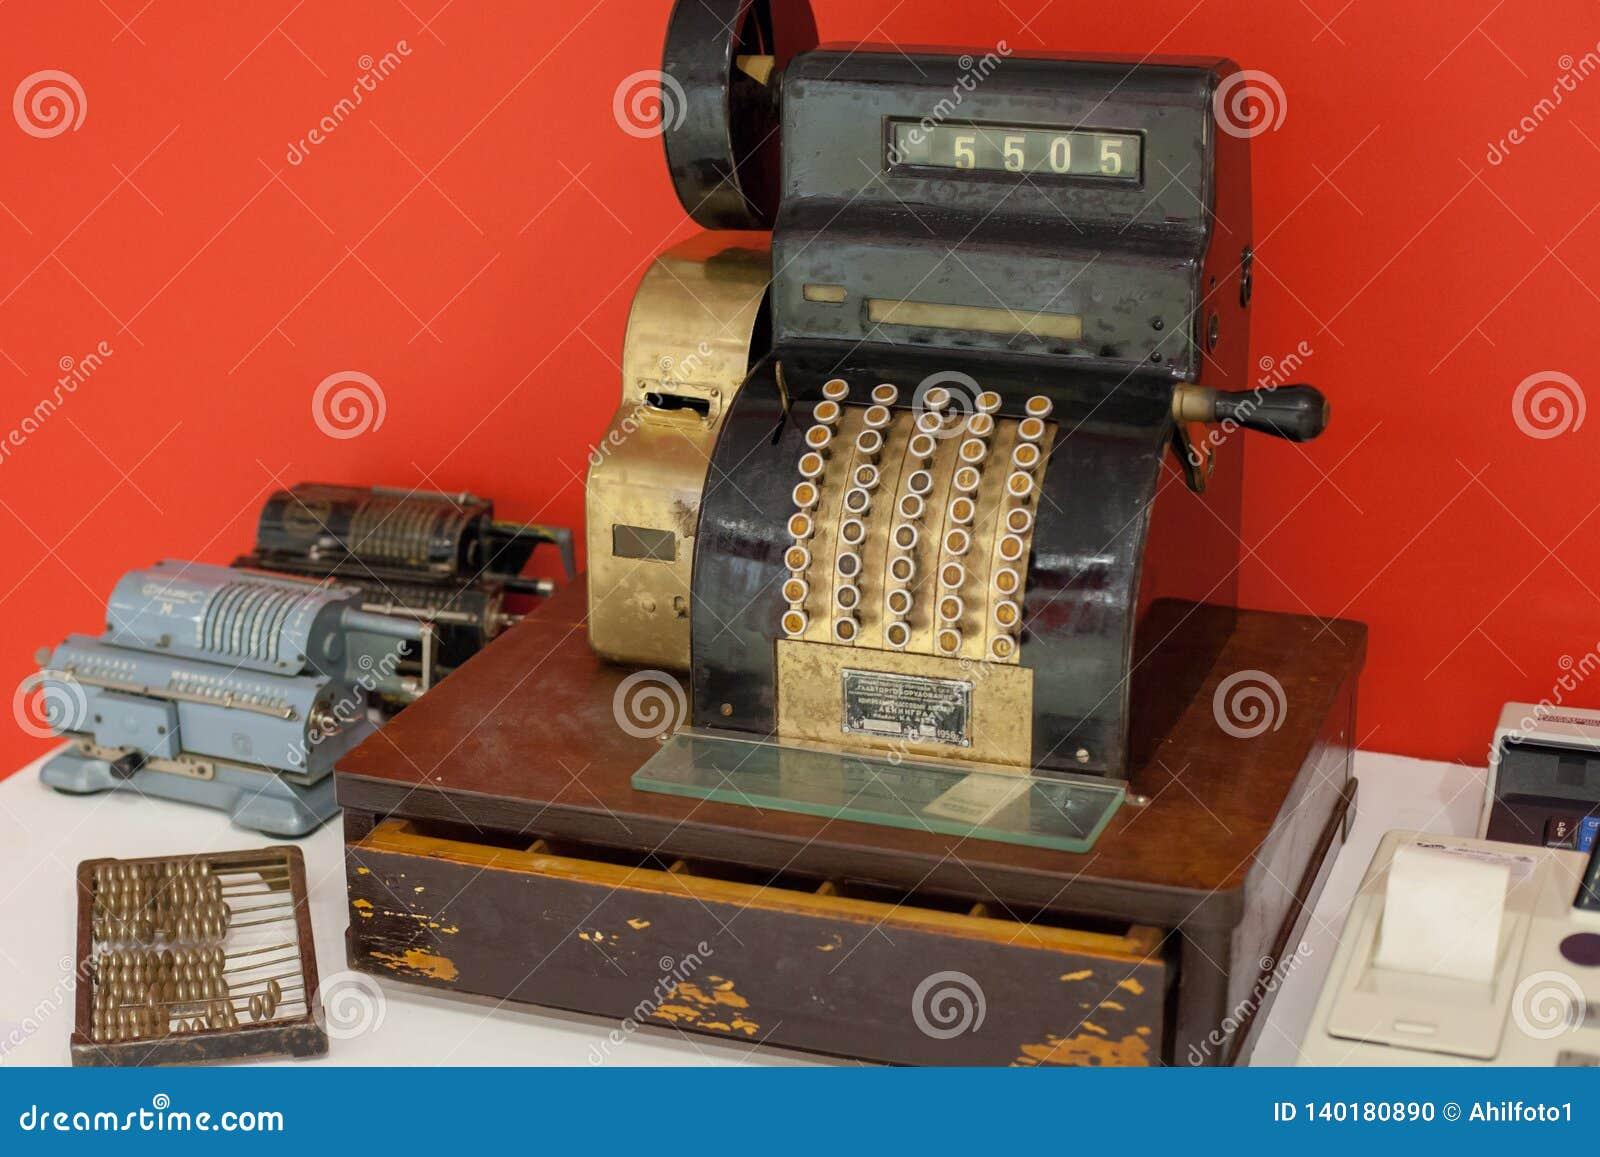 Mosca/Russia - 9 gennaio 2013: registratore di cassa molto vecchio